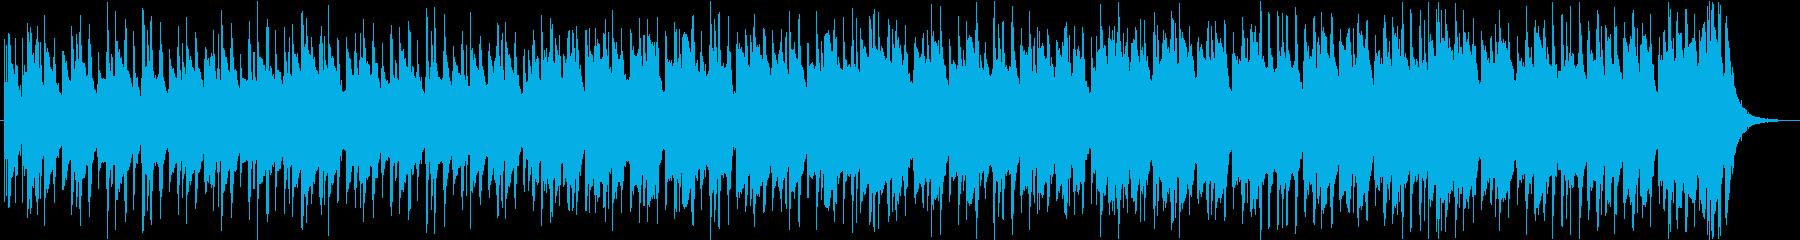 軽快切ない哀愁レゲエラテンヒップホップcの再生済みの波形